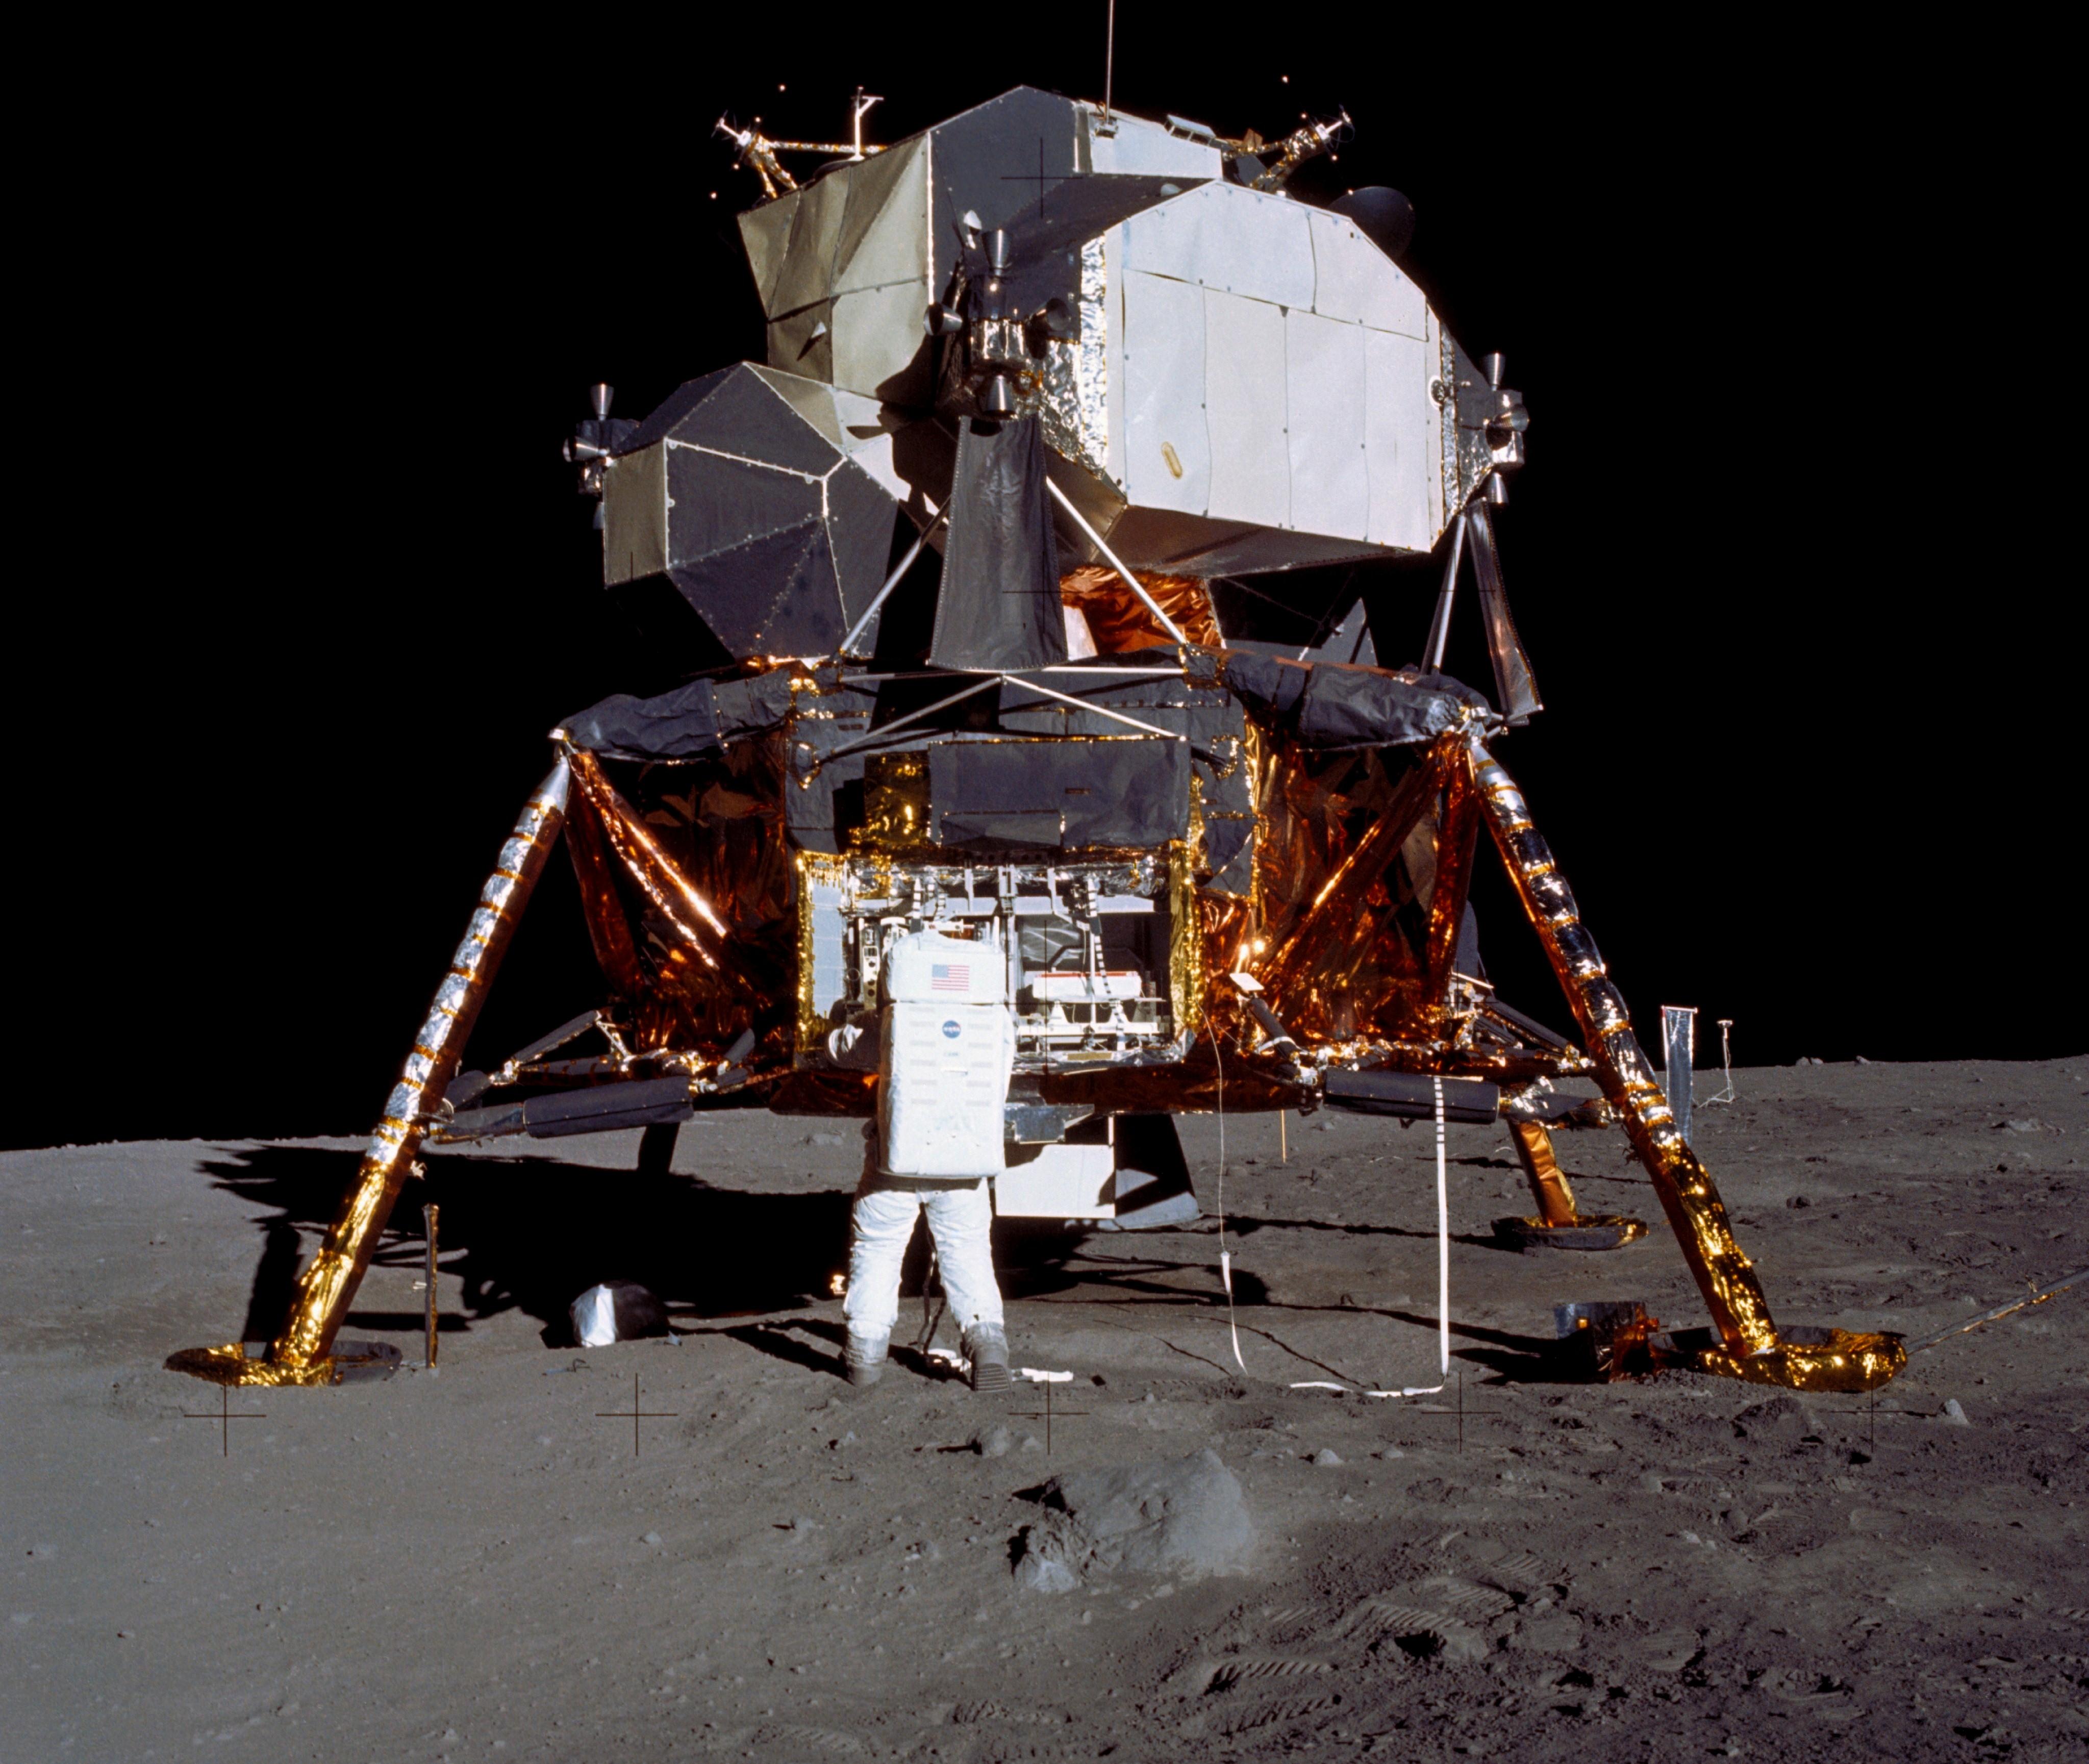 apollo lunar landings - photo #13